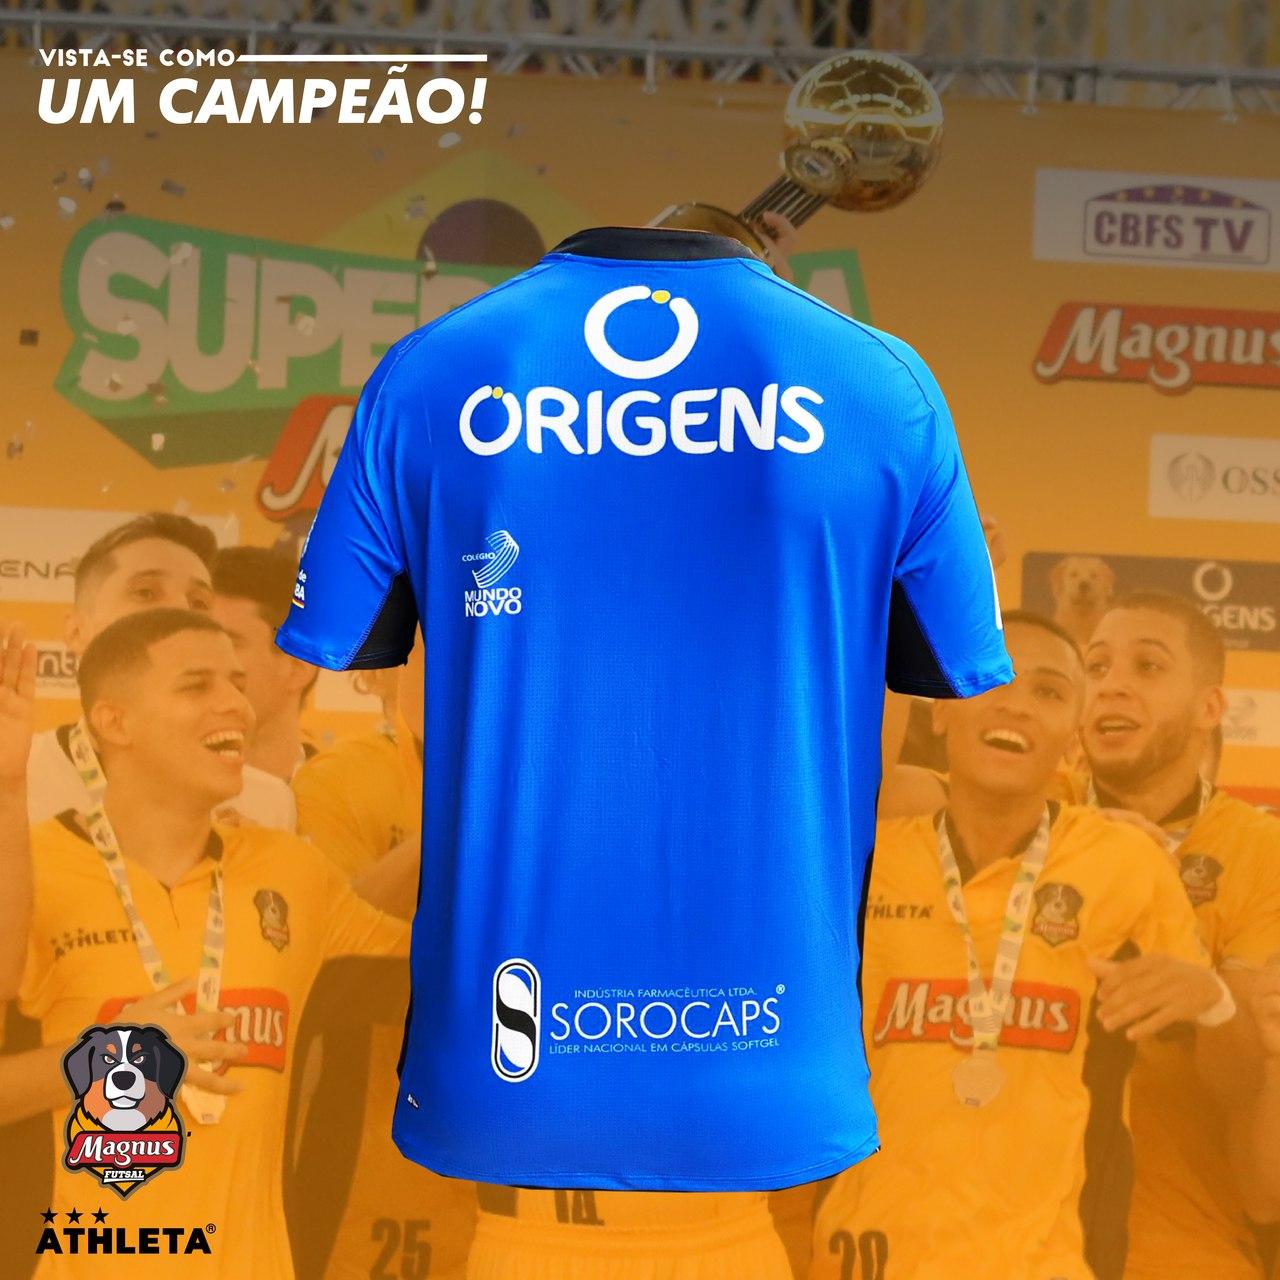 Camisa Magnus Oficial 2021 - Azul - PRÉ VENDA